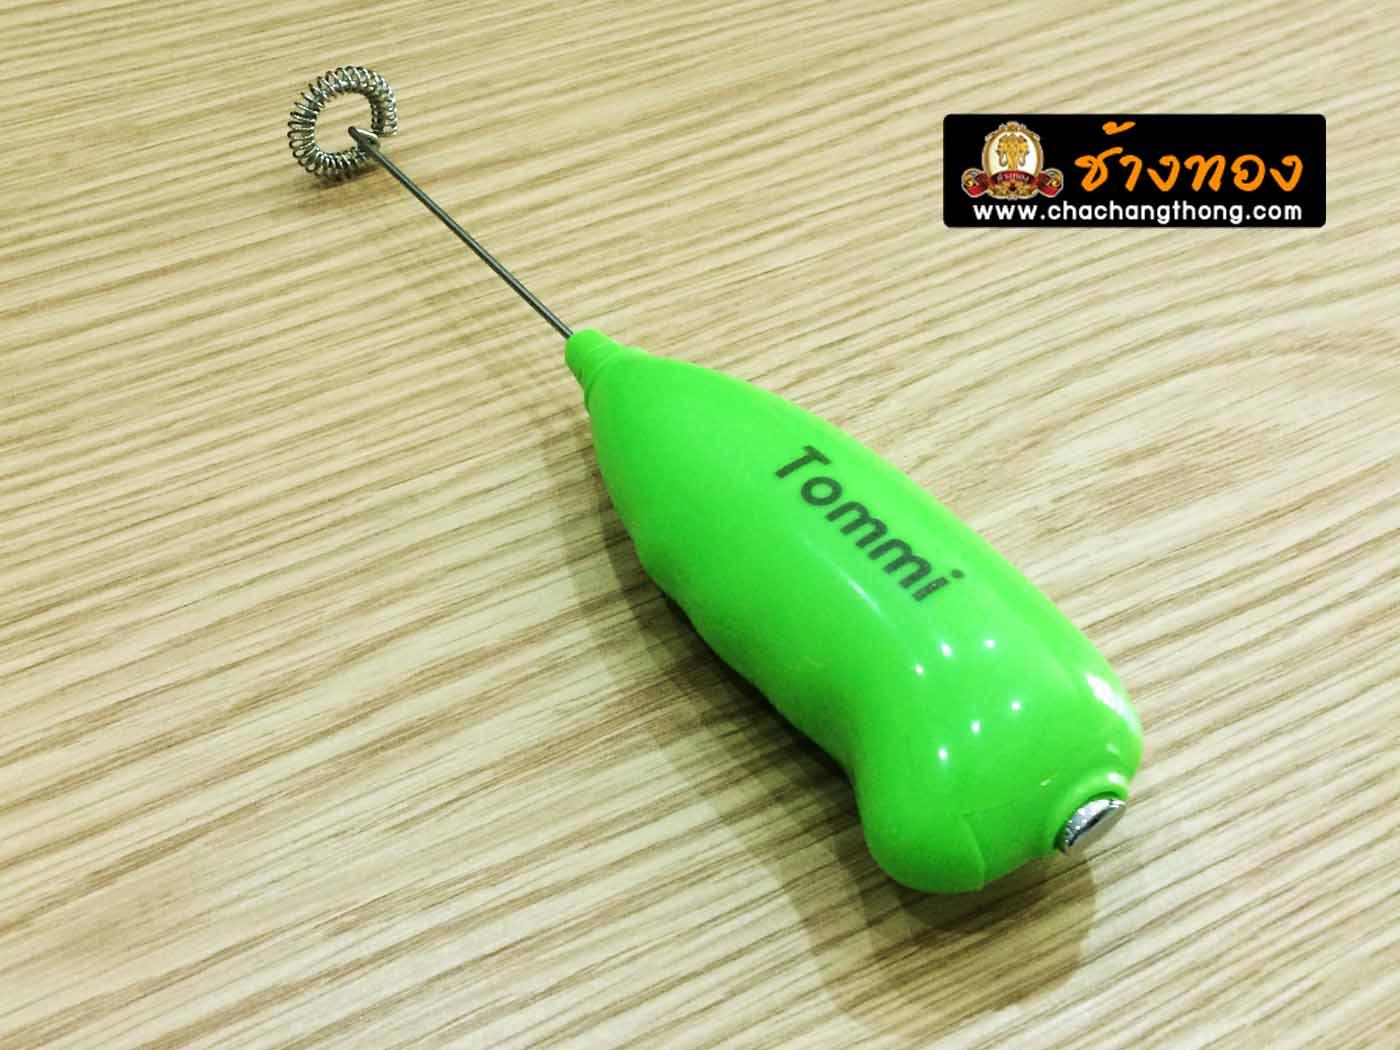 ที่ตีฟองนม tommi สีเขียว